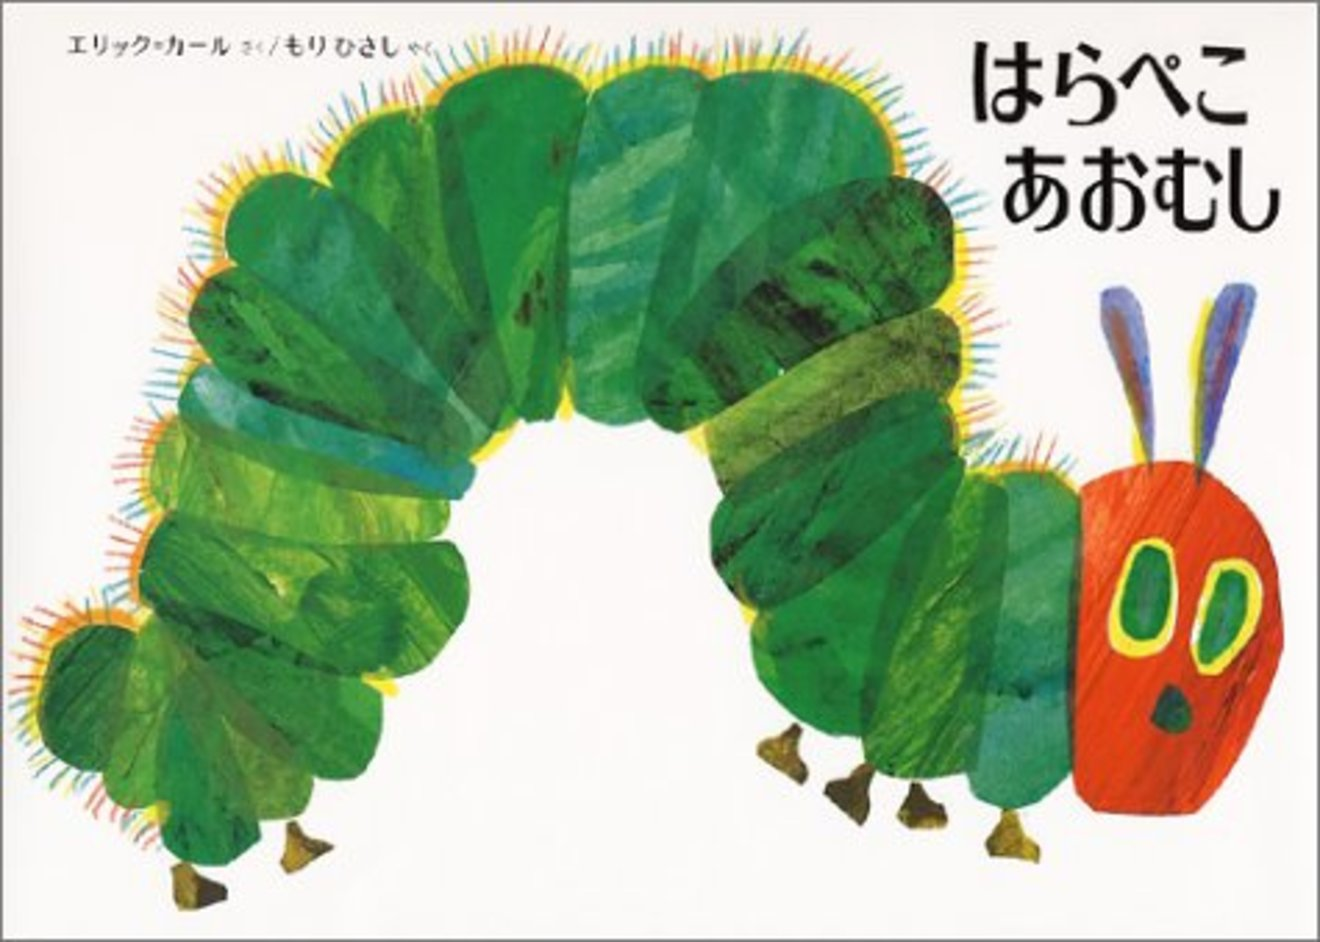 エリック・カールのおすすめ絵本5選!『はらぺこあおむし』だけじゃない!